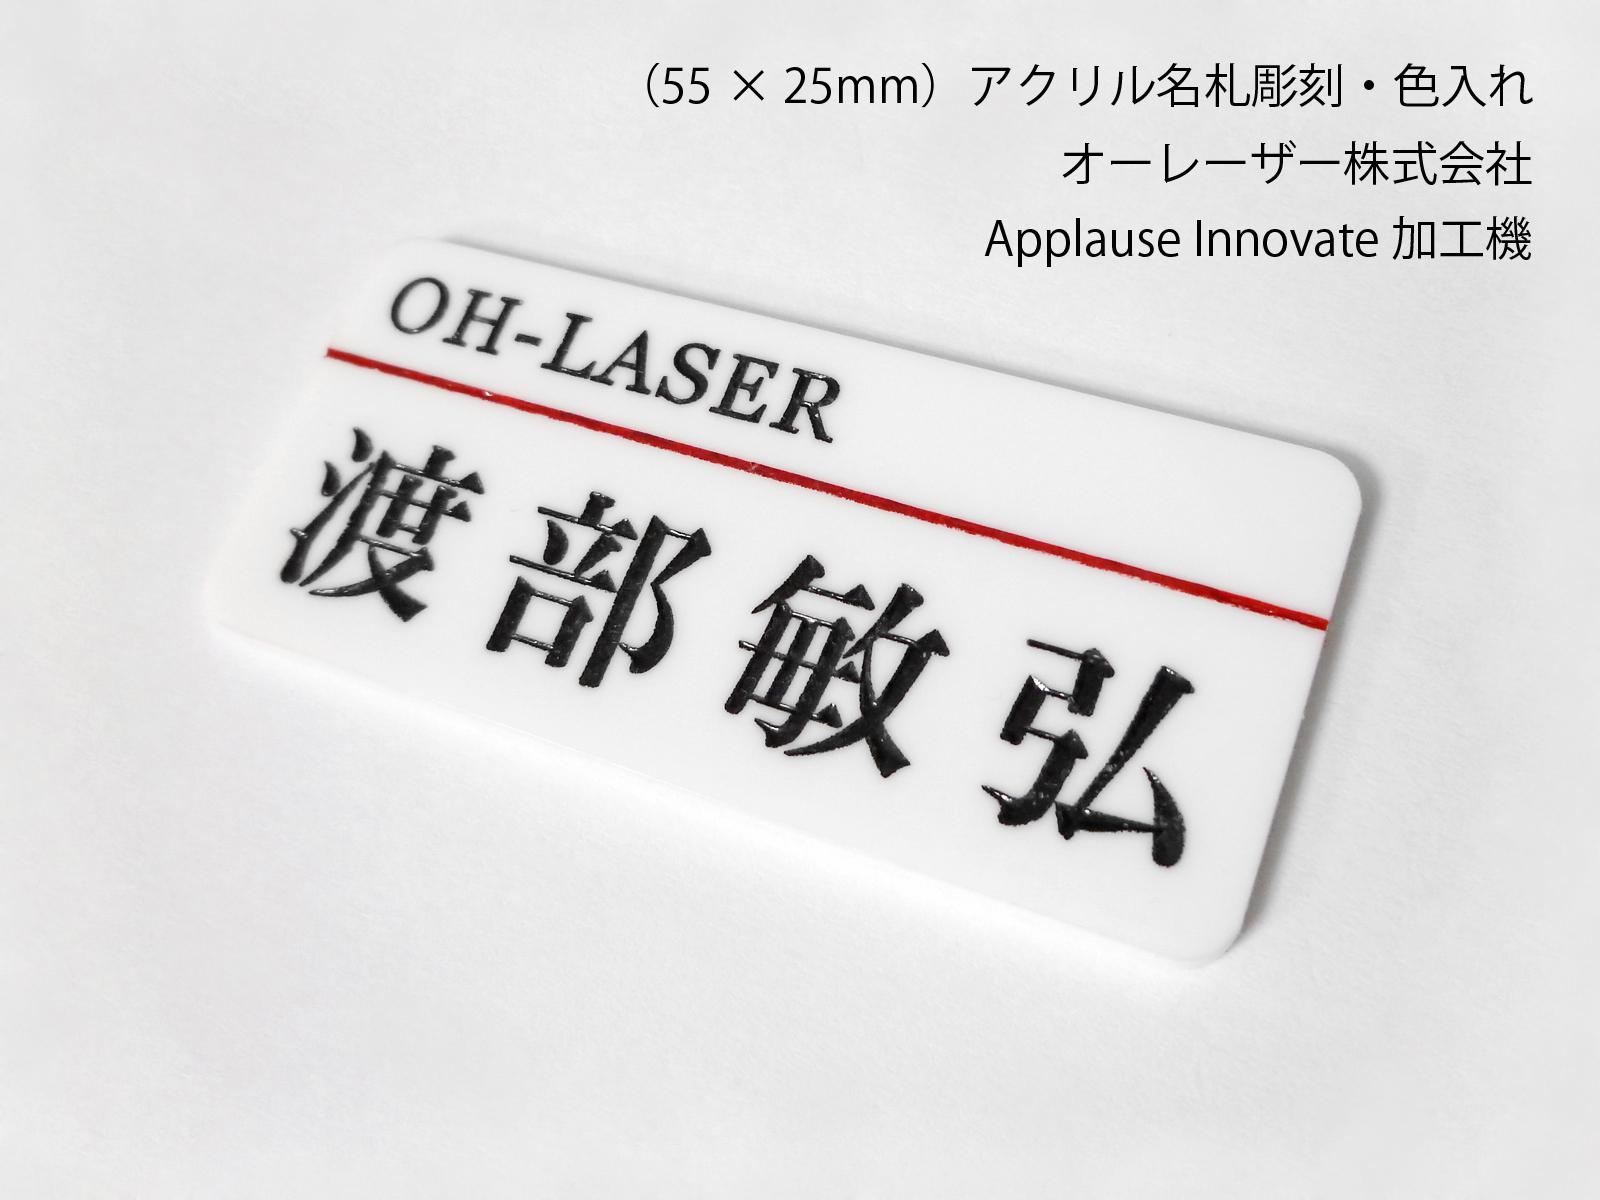 アクリル名札のレーザー加工